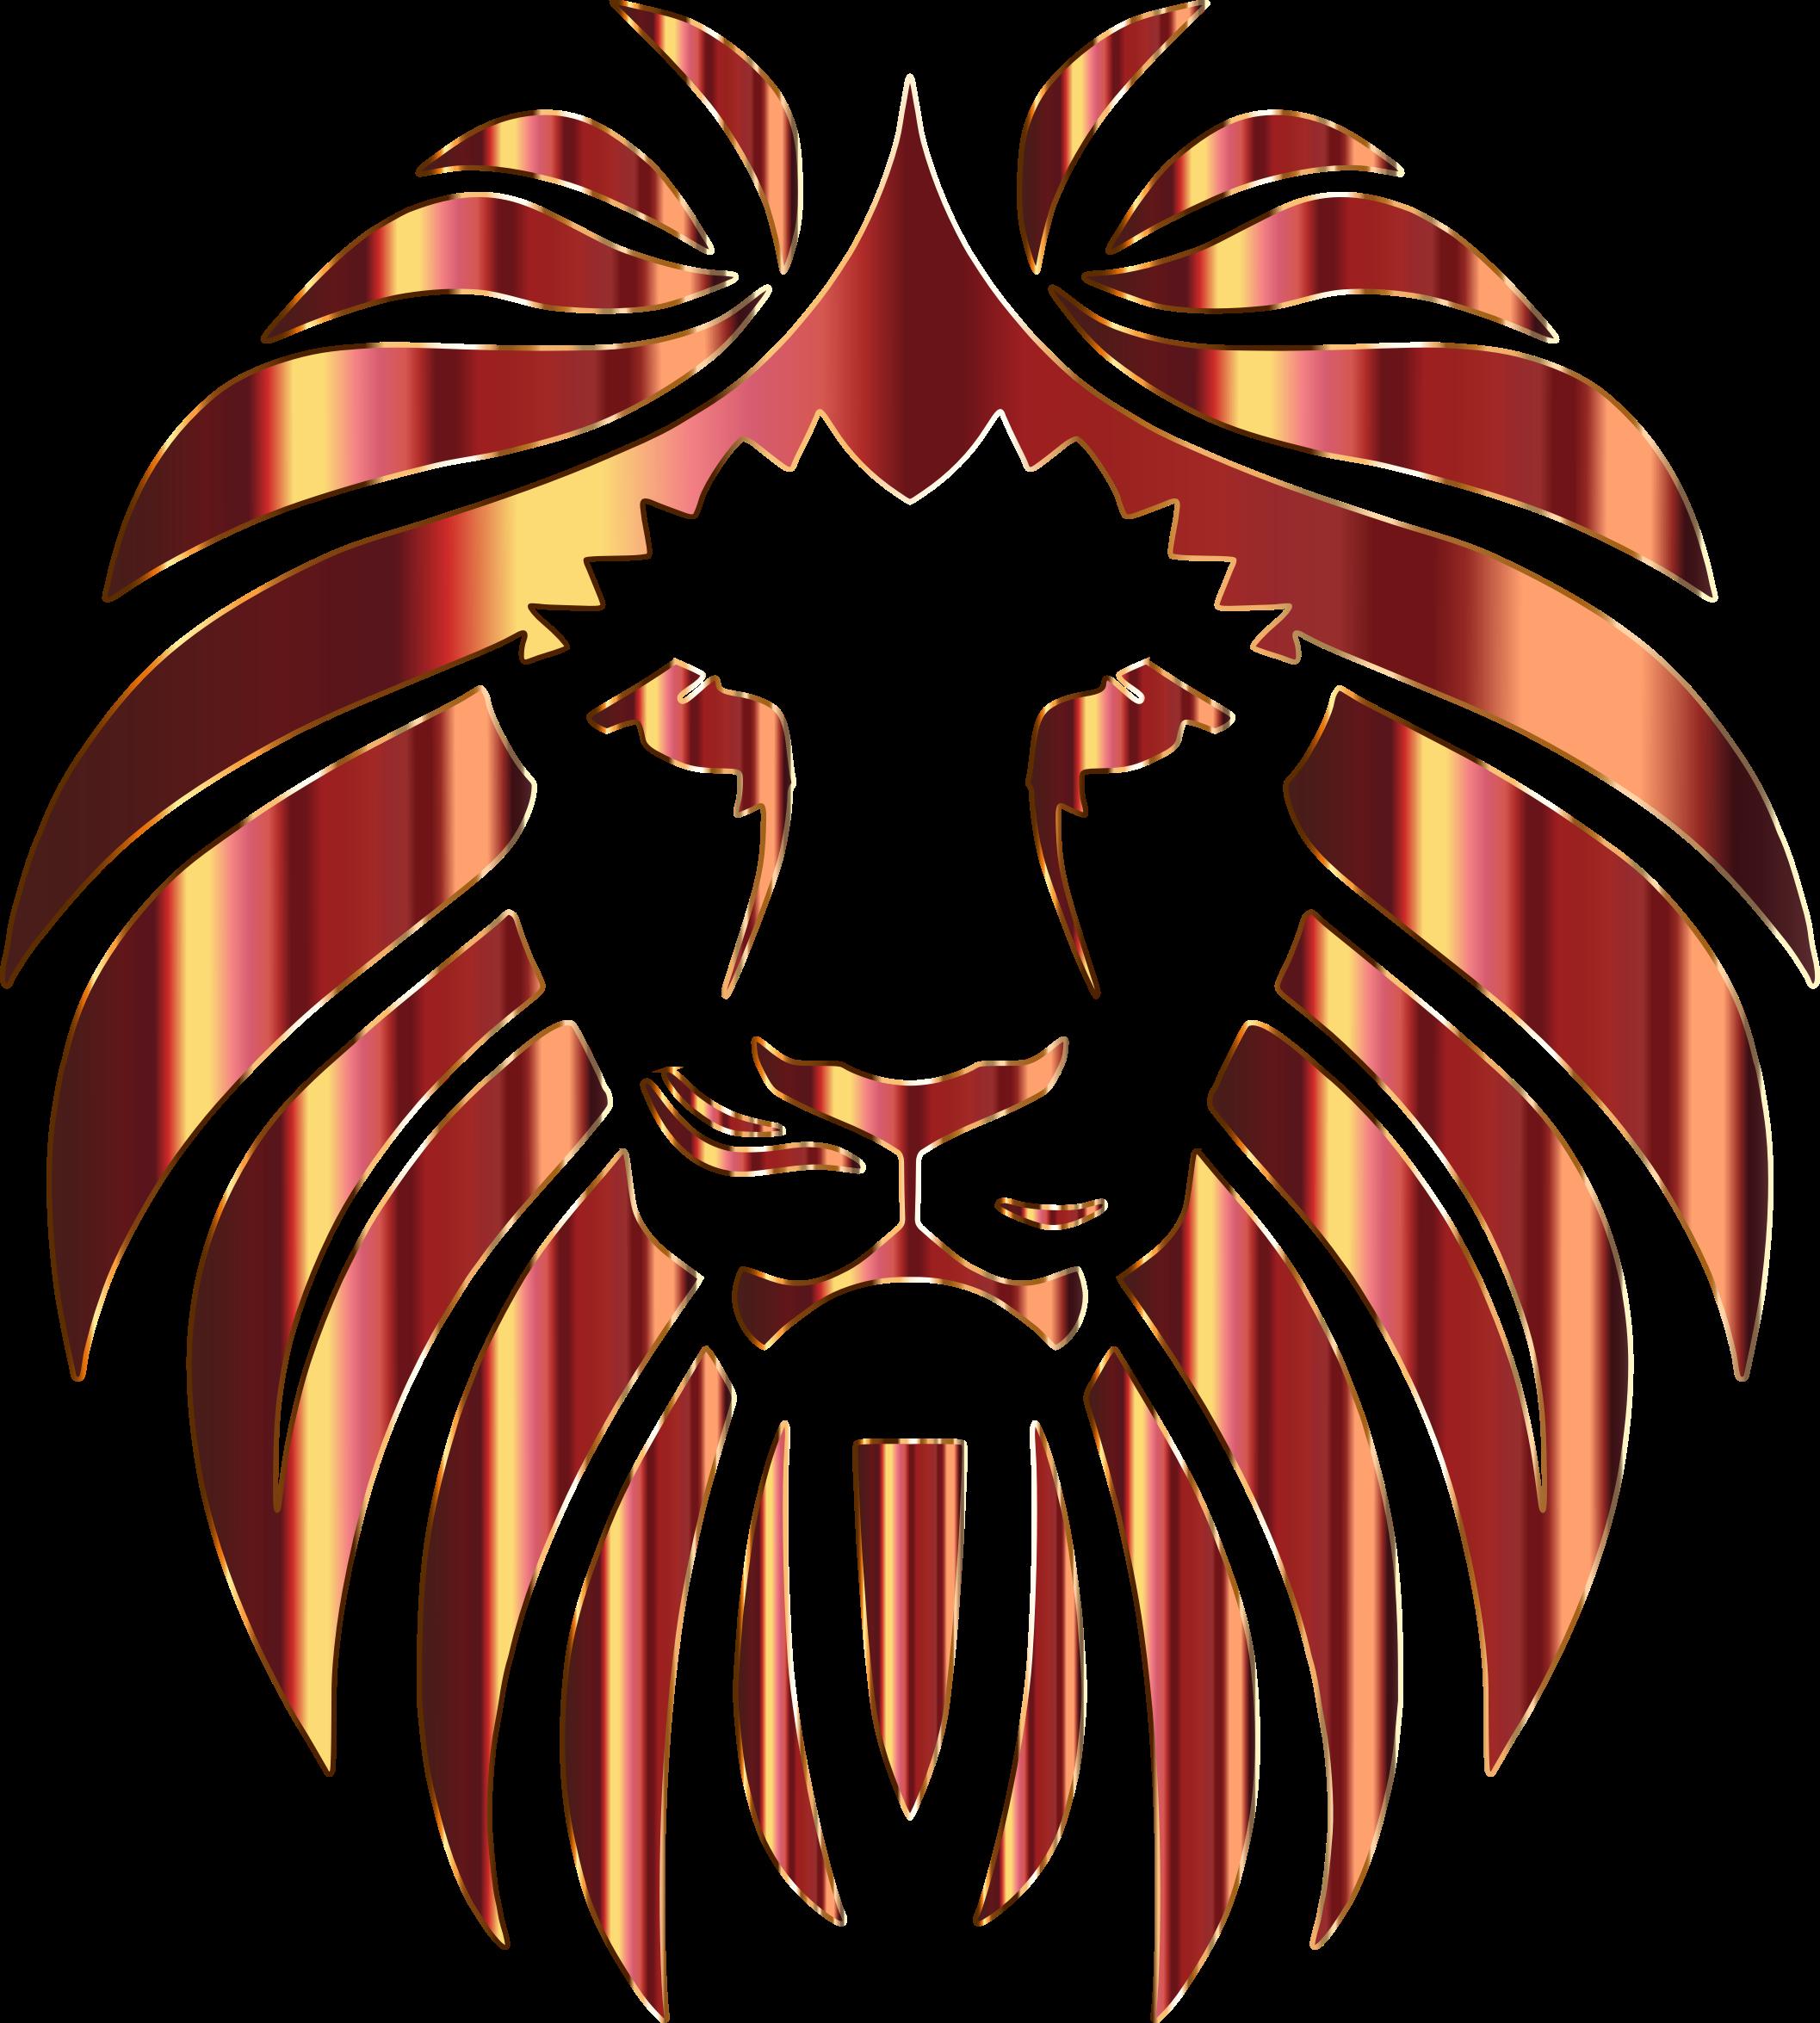 Clipart - Golden Lion 5 No Background